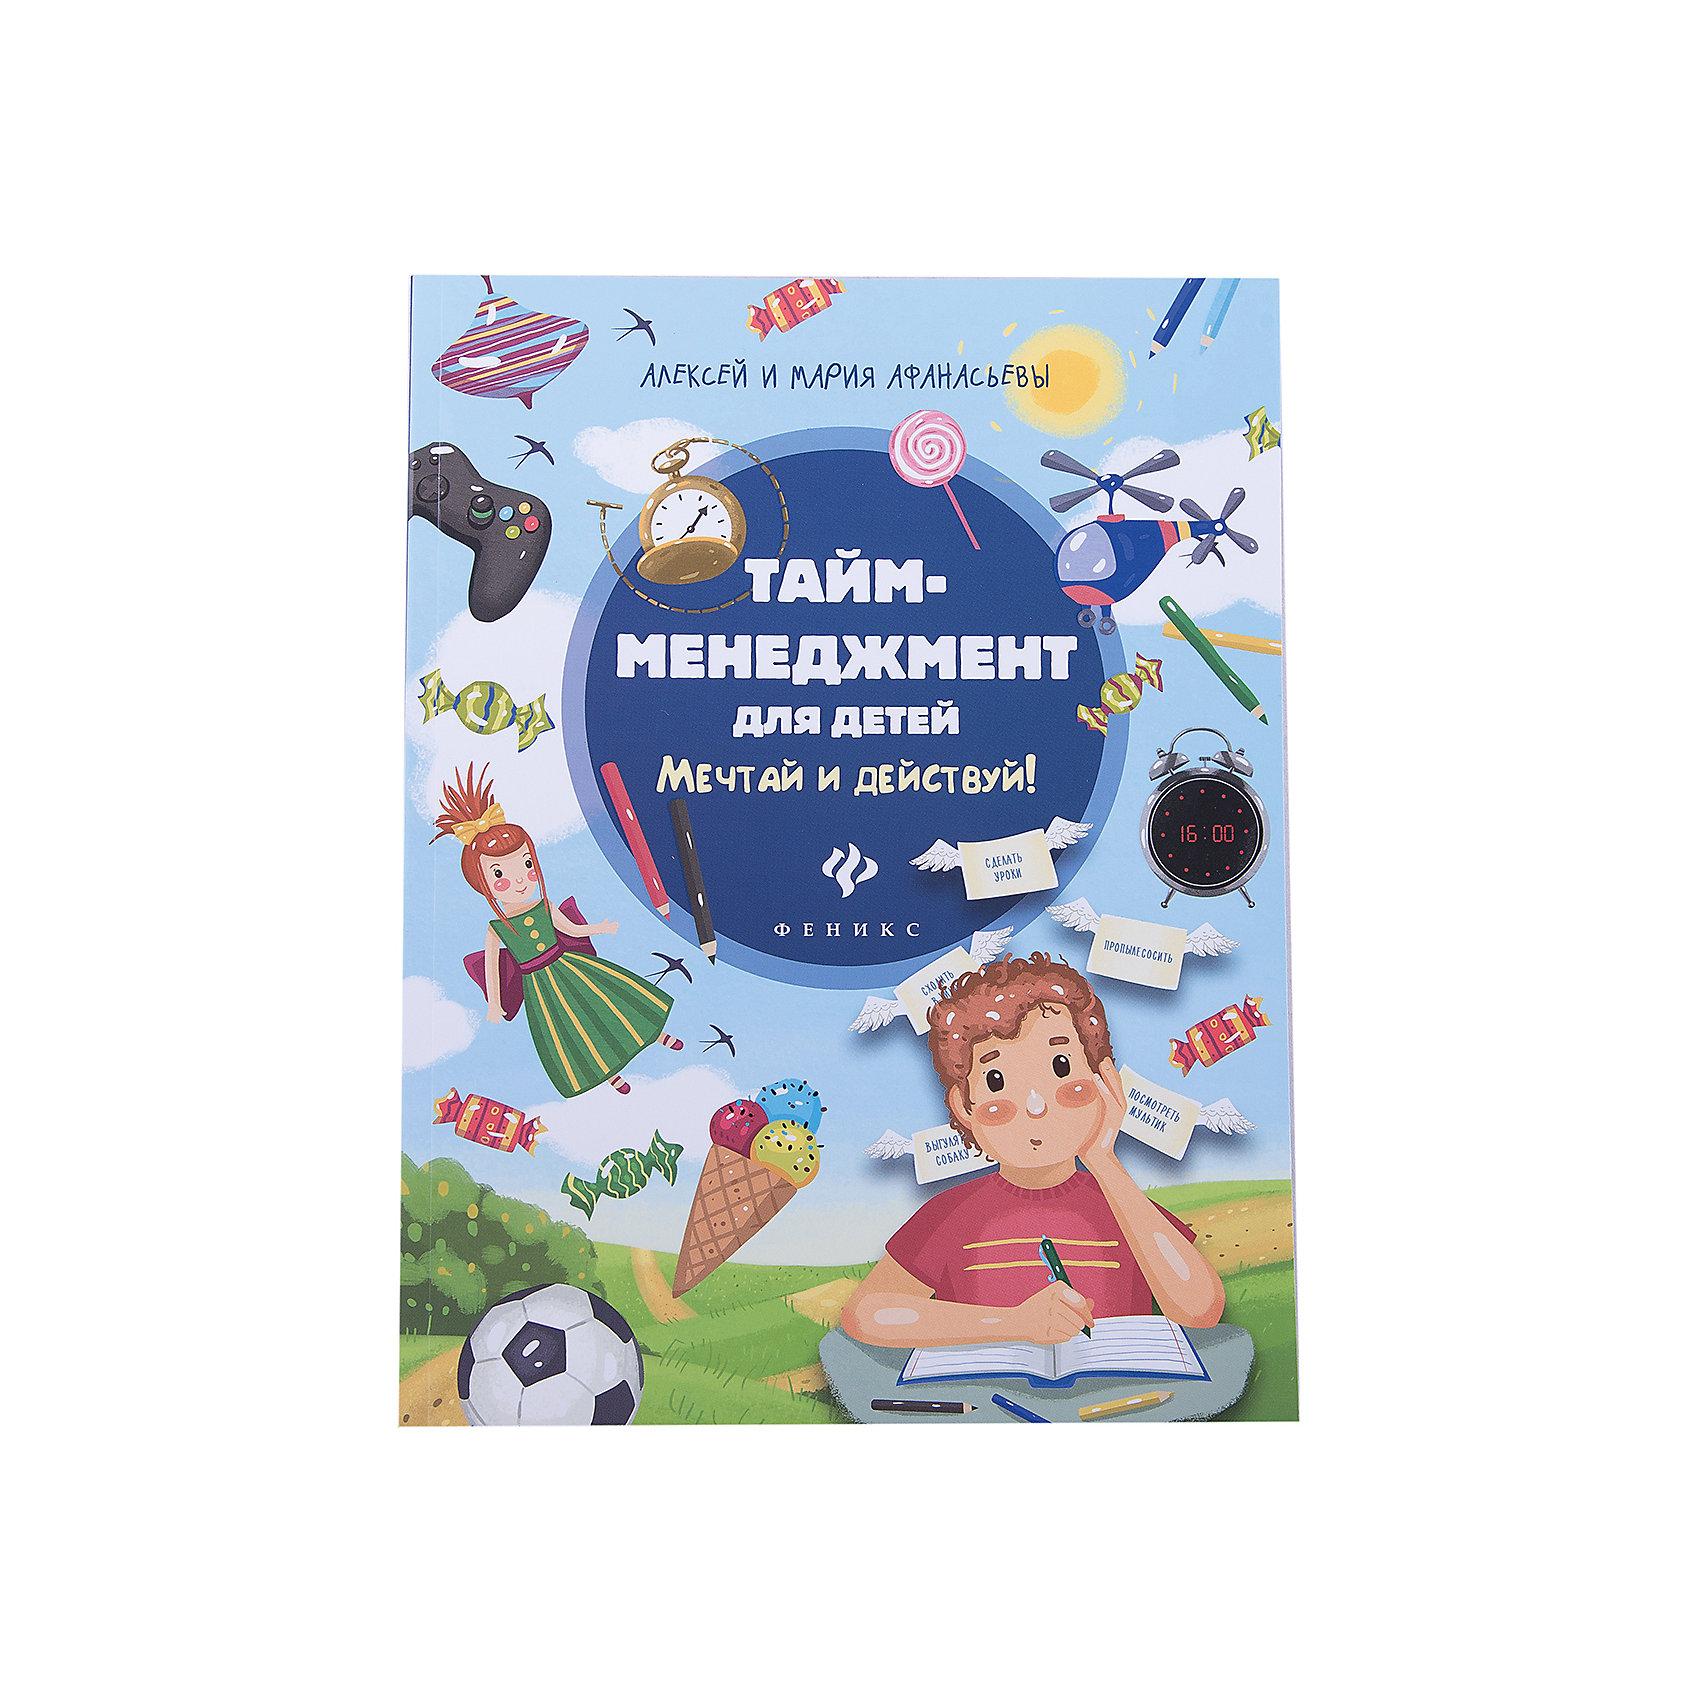 Тайм-менеджмент для детей Мечтай и действуй!Детская психология и здоровье<br>Тайм-менеджмент для детей Мечтай и действуй!<br><br>Характеристики:<br><br>• количество страниц: 73<br>• тип обложки: мягкая<br>• ISBN: 978-5-222-27499-6<br>• автор: Мария Афанасьева, Алексей Афанасьев<br>• издательство: Феникс<br>• размер: 26х20,5 см<br>• материал: бумага<br><br>Книга Мечтай и действуй! состоит из девяти глав, прочитав которые ребенок научится распоряжаться  своим временем, правильно расставлять приоритеты и сопоставлять свои возможности. Полученная информация придаст уверенности в себе и своих силах. В конце каждой главы ребенок сможет выполнить интересное тематическое задание. Книга Мечтай и действуй поможет ребенку почувствовать себя взрослым и ответственным человеком.<br><br>Тайм-менеджмент для детей Мечтай и действуй! вы можете купить в нашем интернет-магазине.<br><br>Ширина мм: 600<br>Глубина мм: 200<br>Высота мм: 259<br>Вес г: 928<br>Возраст от месяцев: 36<br>Возраст до месяцев: 2147483647<br>Пол: Унисекс<br>Возраст: Детский<br>SKU: 5518156